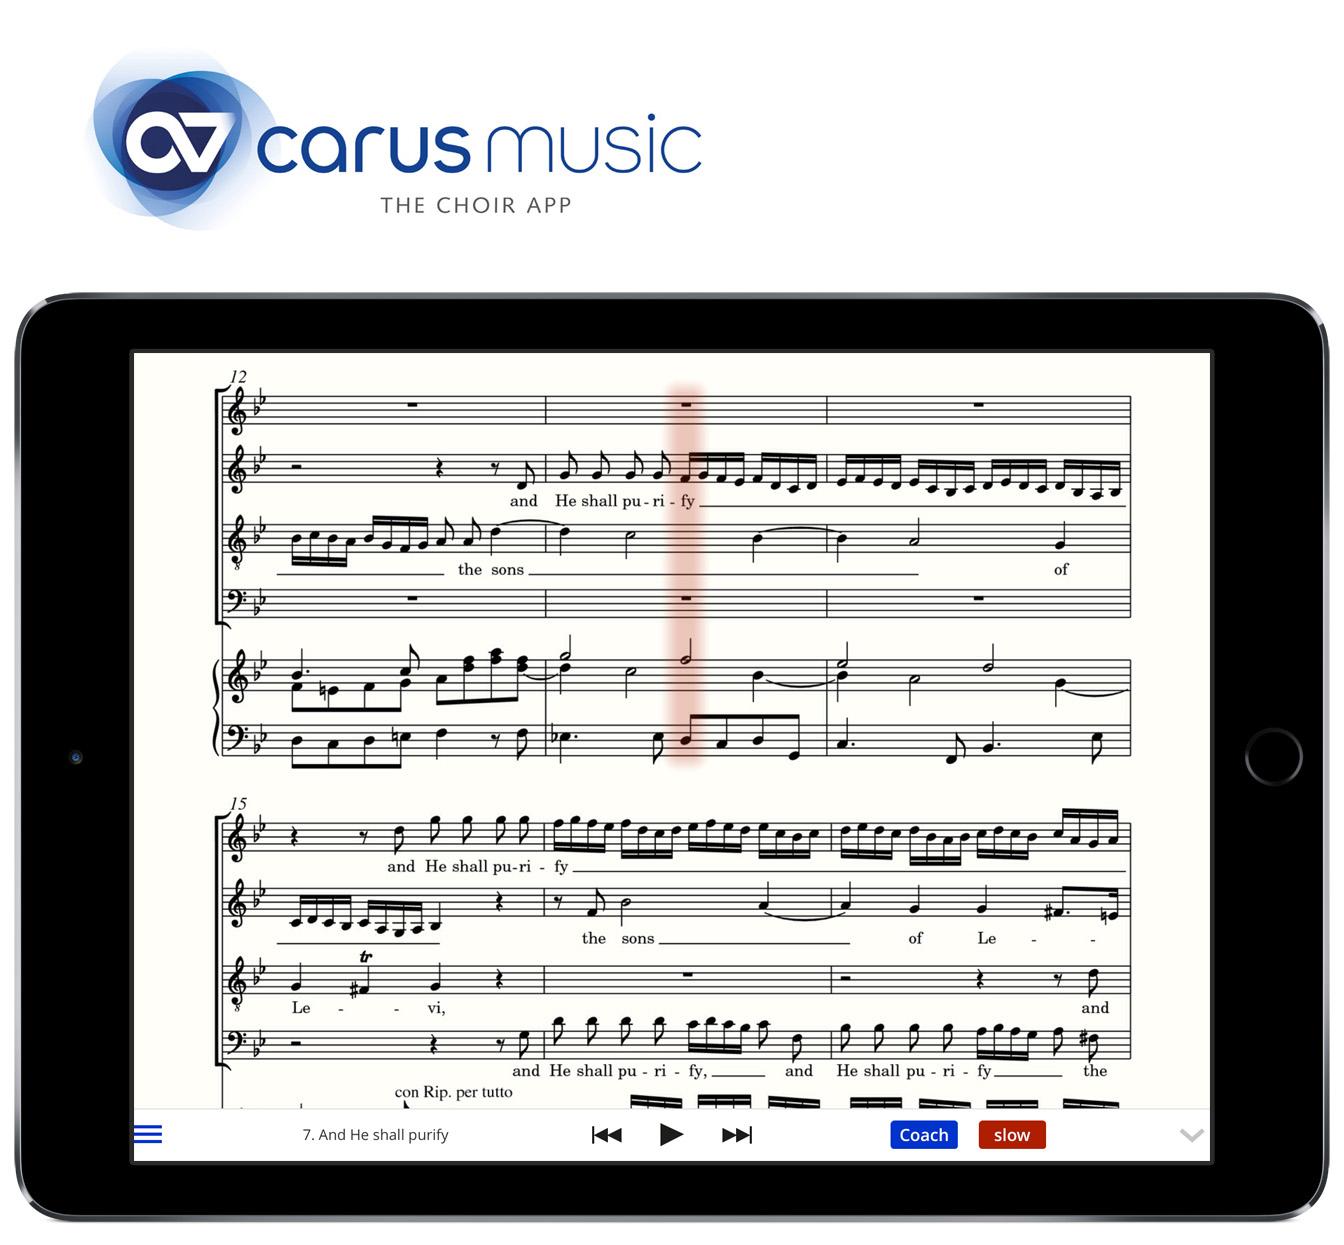 Bayern-24/7.de - Bayern Infos & Bayern Tipps | Mit carus music, der Chor-App, erreicht das Chorstimmenüben eine neue, digitale Dimension.